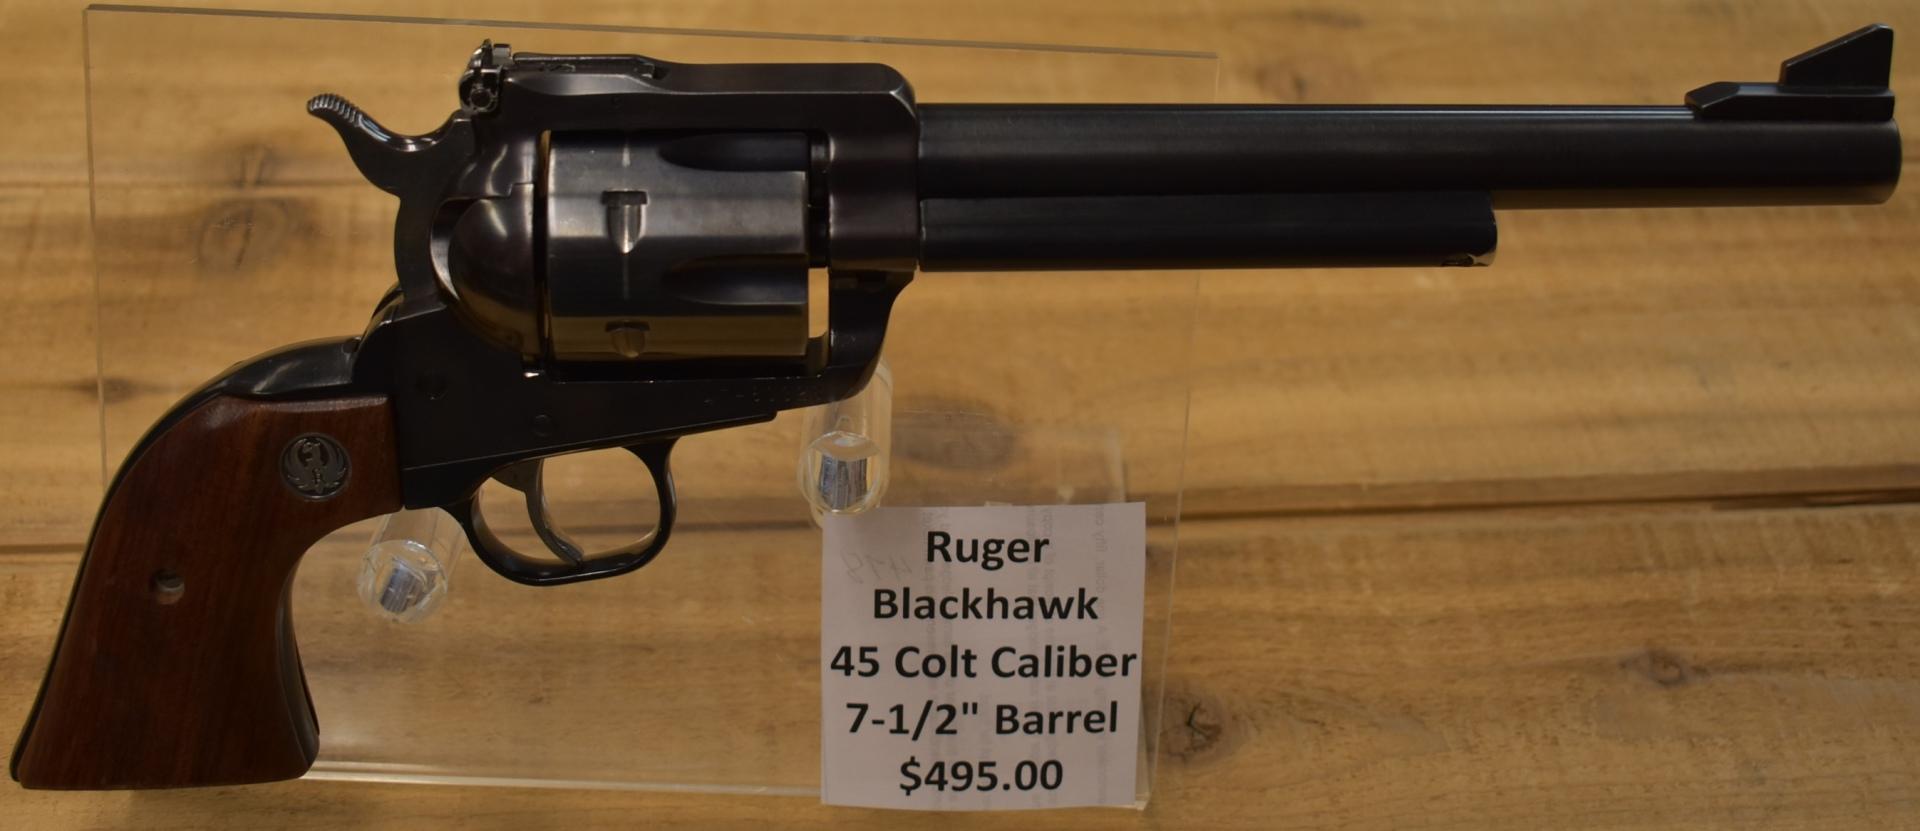 Ruger Blackhawk 45 Colt